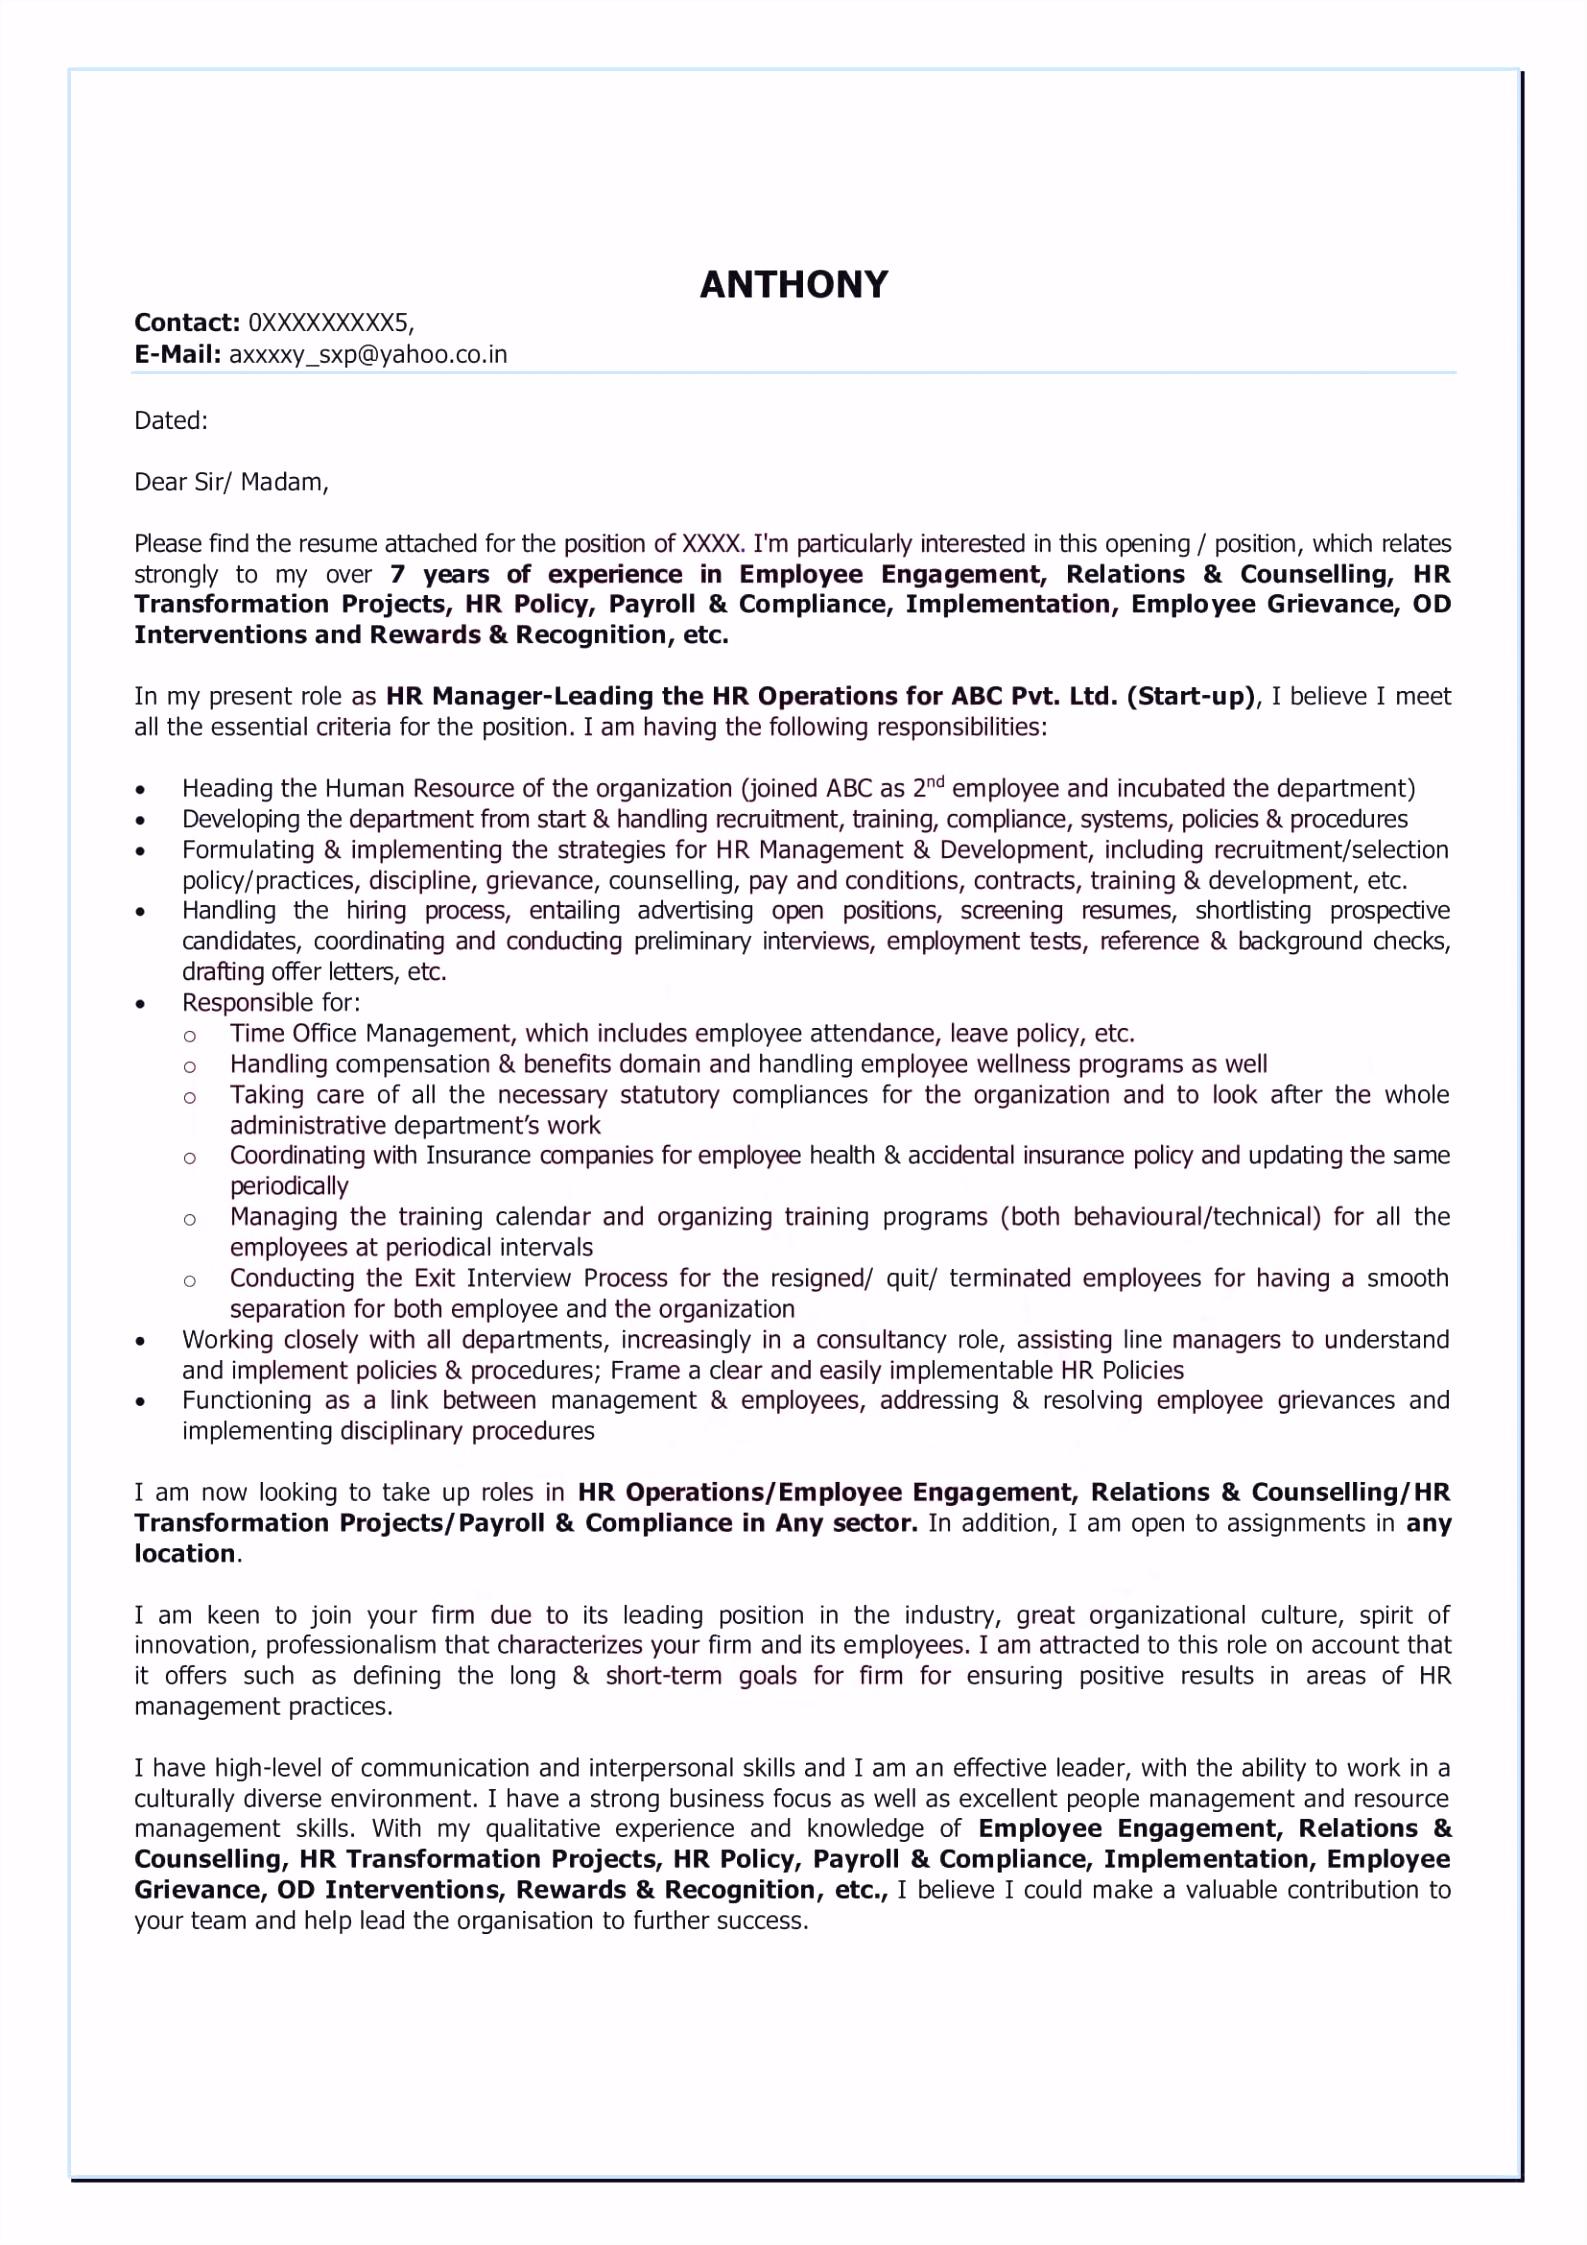 Vorlage Einnahmenuberschussrechnung Einnahme überschuss Rechnung Excel H3bf750ez0 H2ud2hkiss